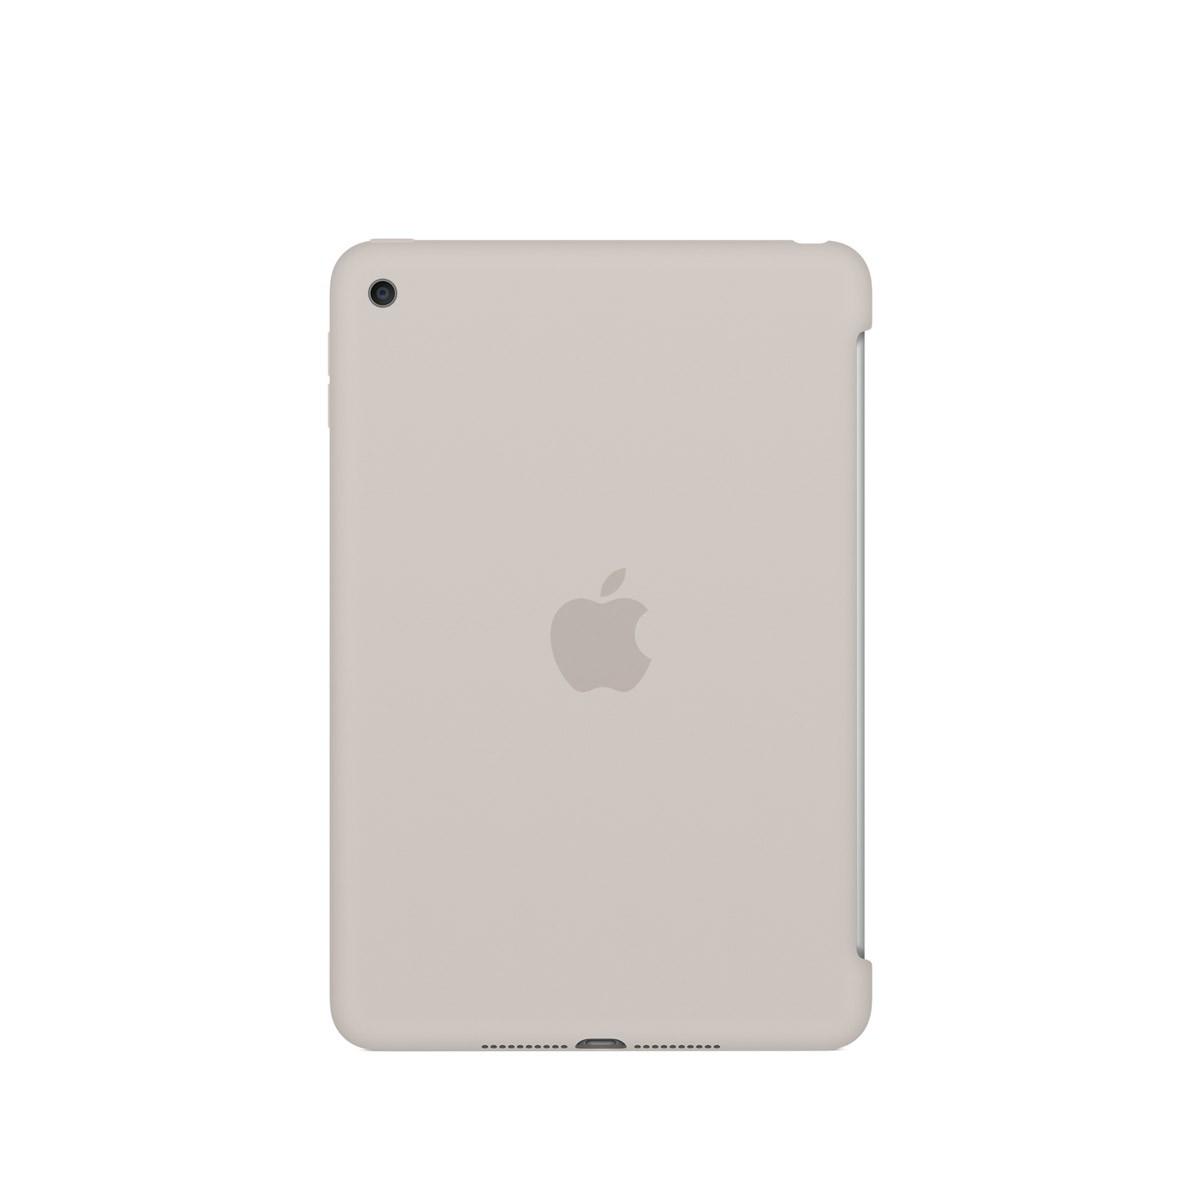 Apple Silikonové pouzdro na iPad mini 4 – kamenně šedé mklp2zm/a